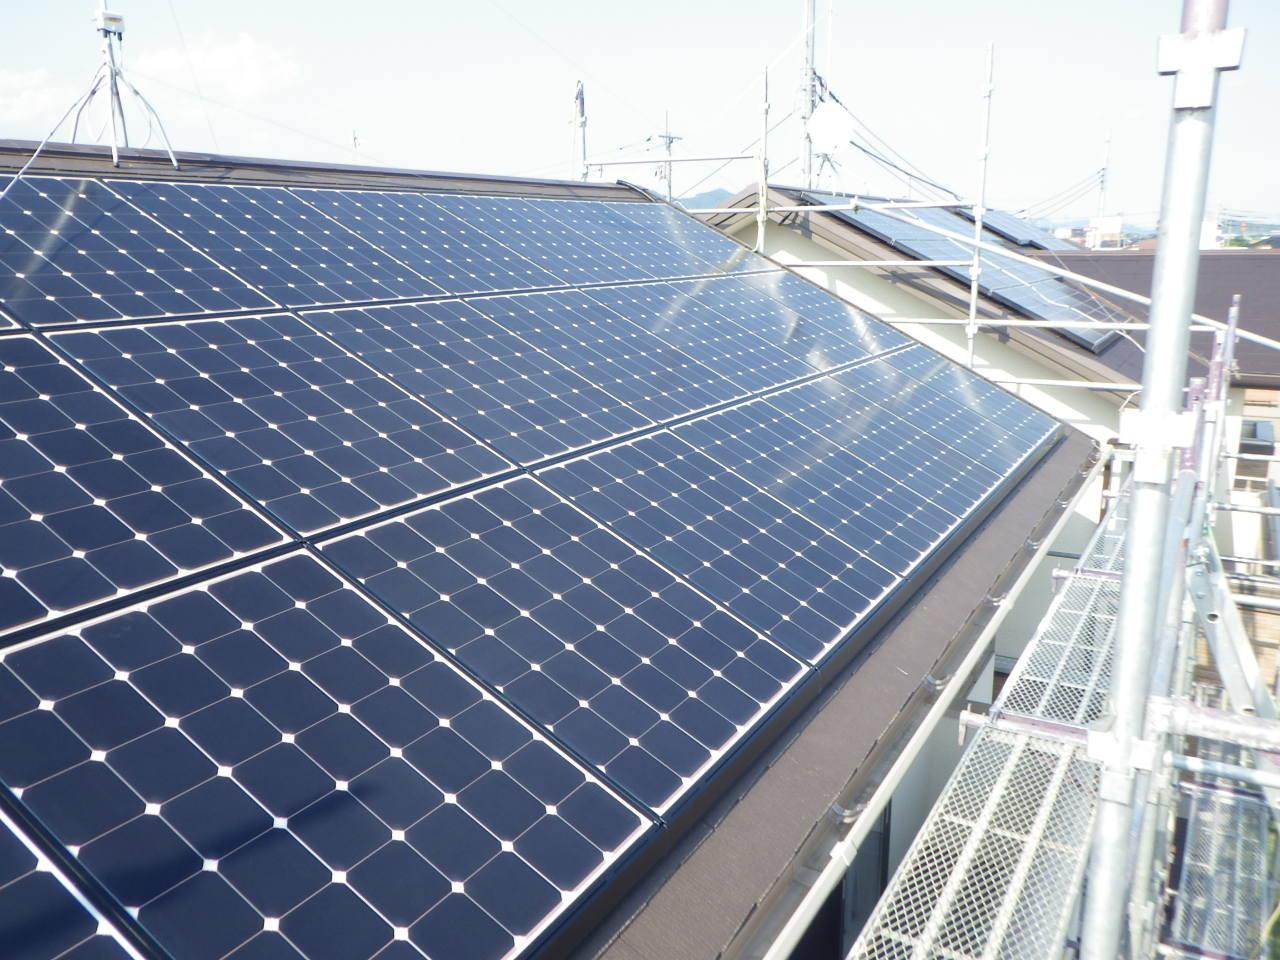 既築化粧スレート屋根への太陽光パネル設置工事を行いました。in真岡市